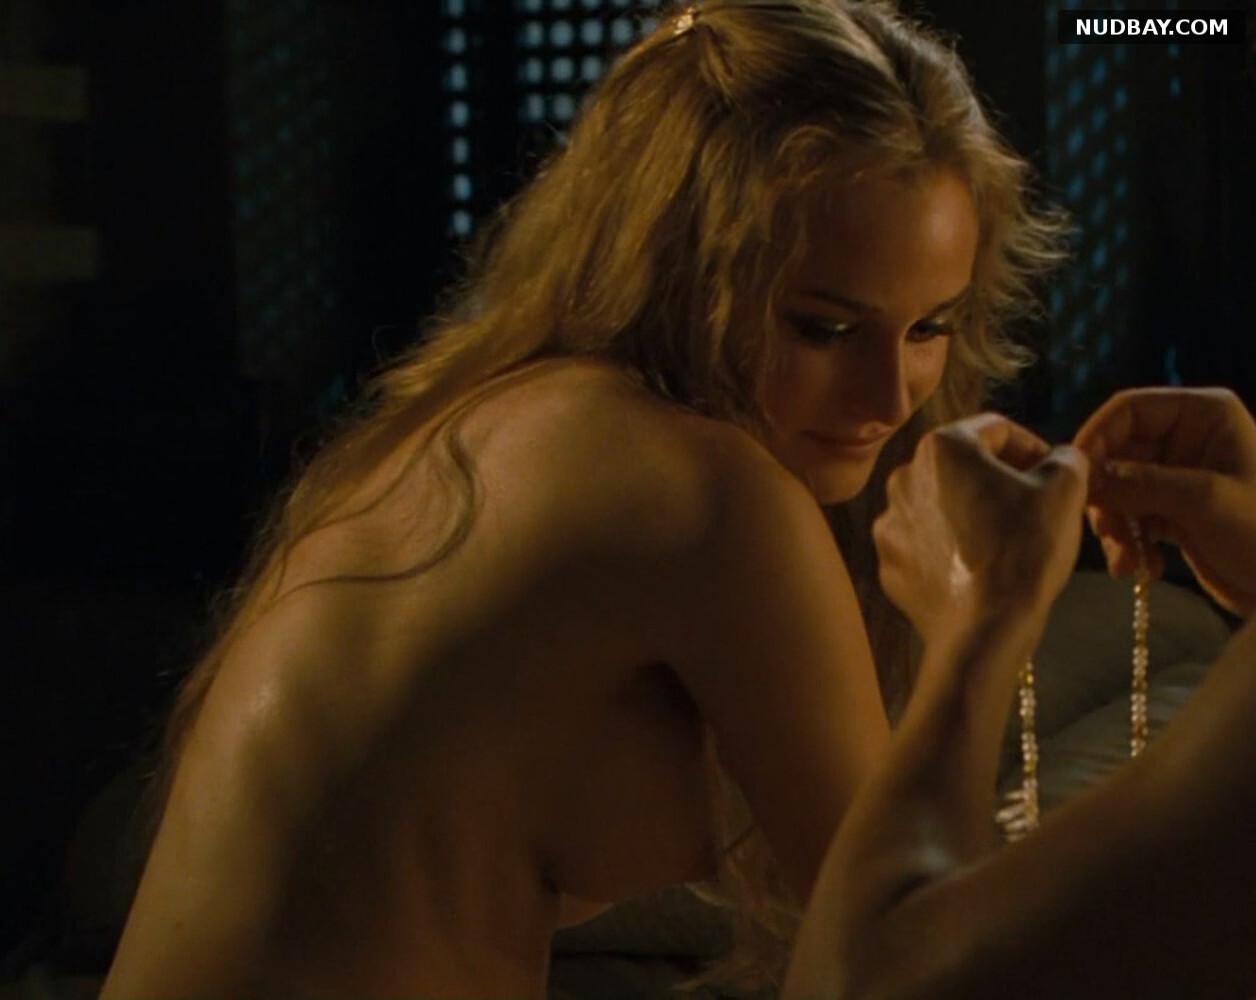 Diane Kruger nude in Troy (2004)